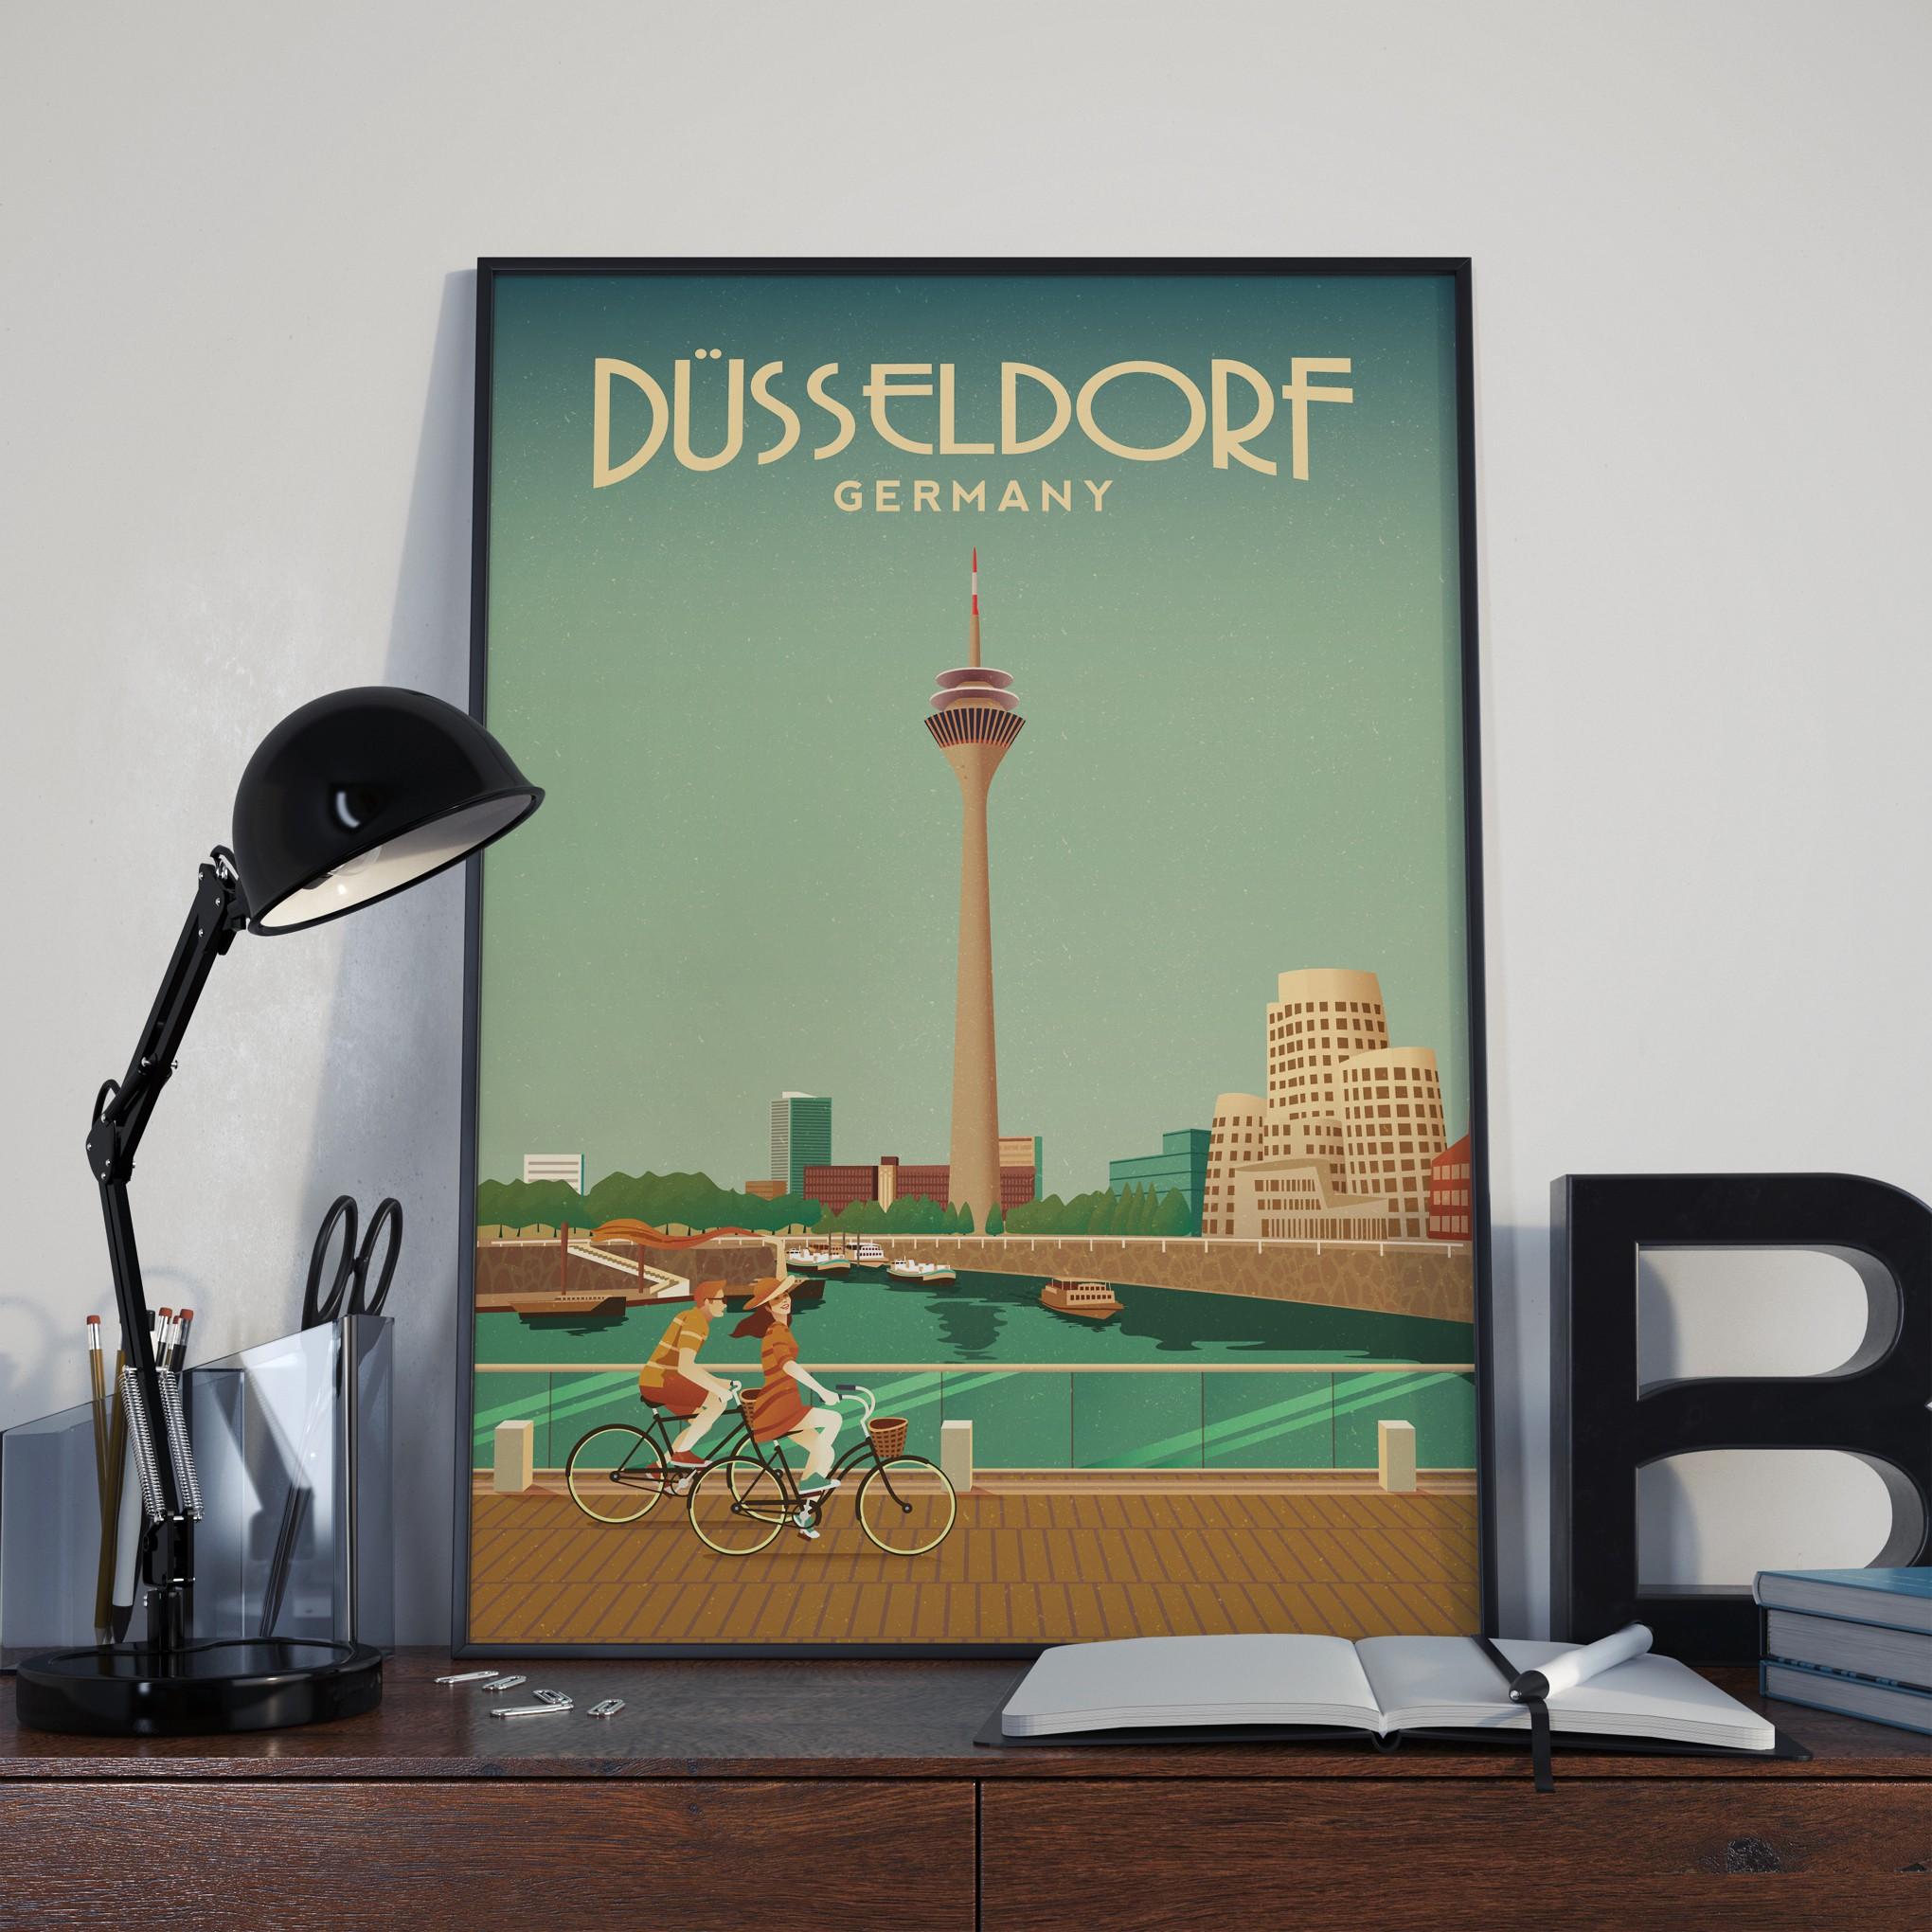 Kreiere das schönste Düsseldorf Poster jemals!